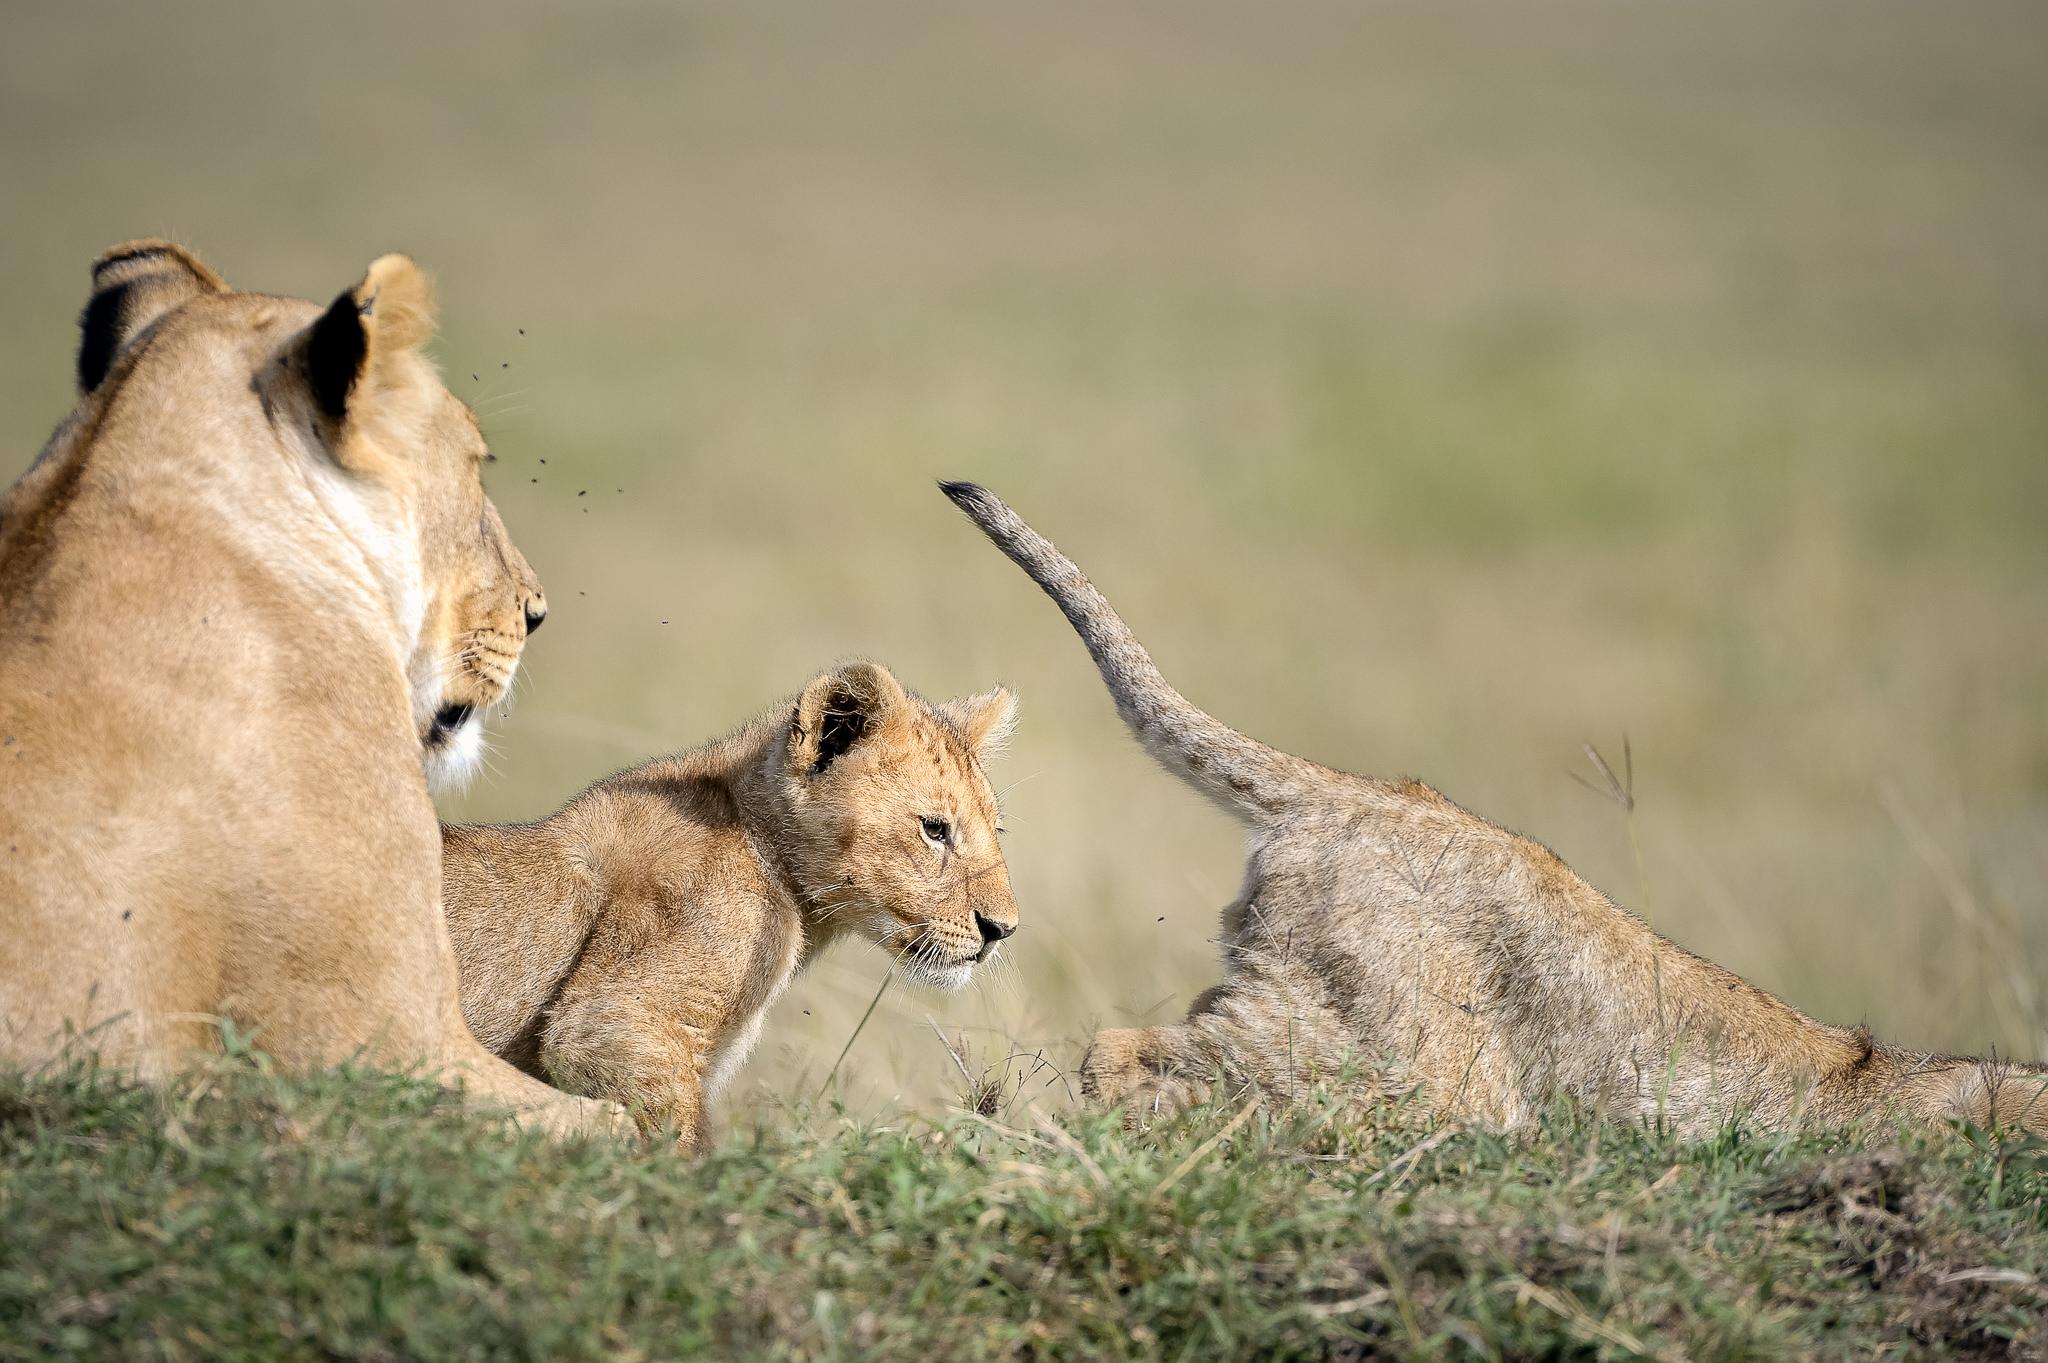 Curious-Lion-Cub